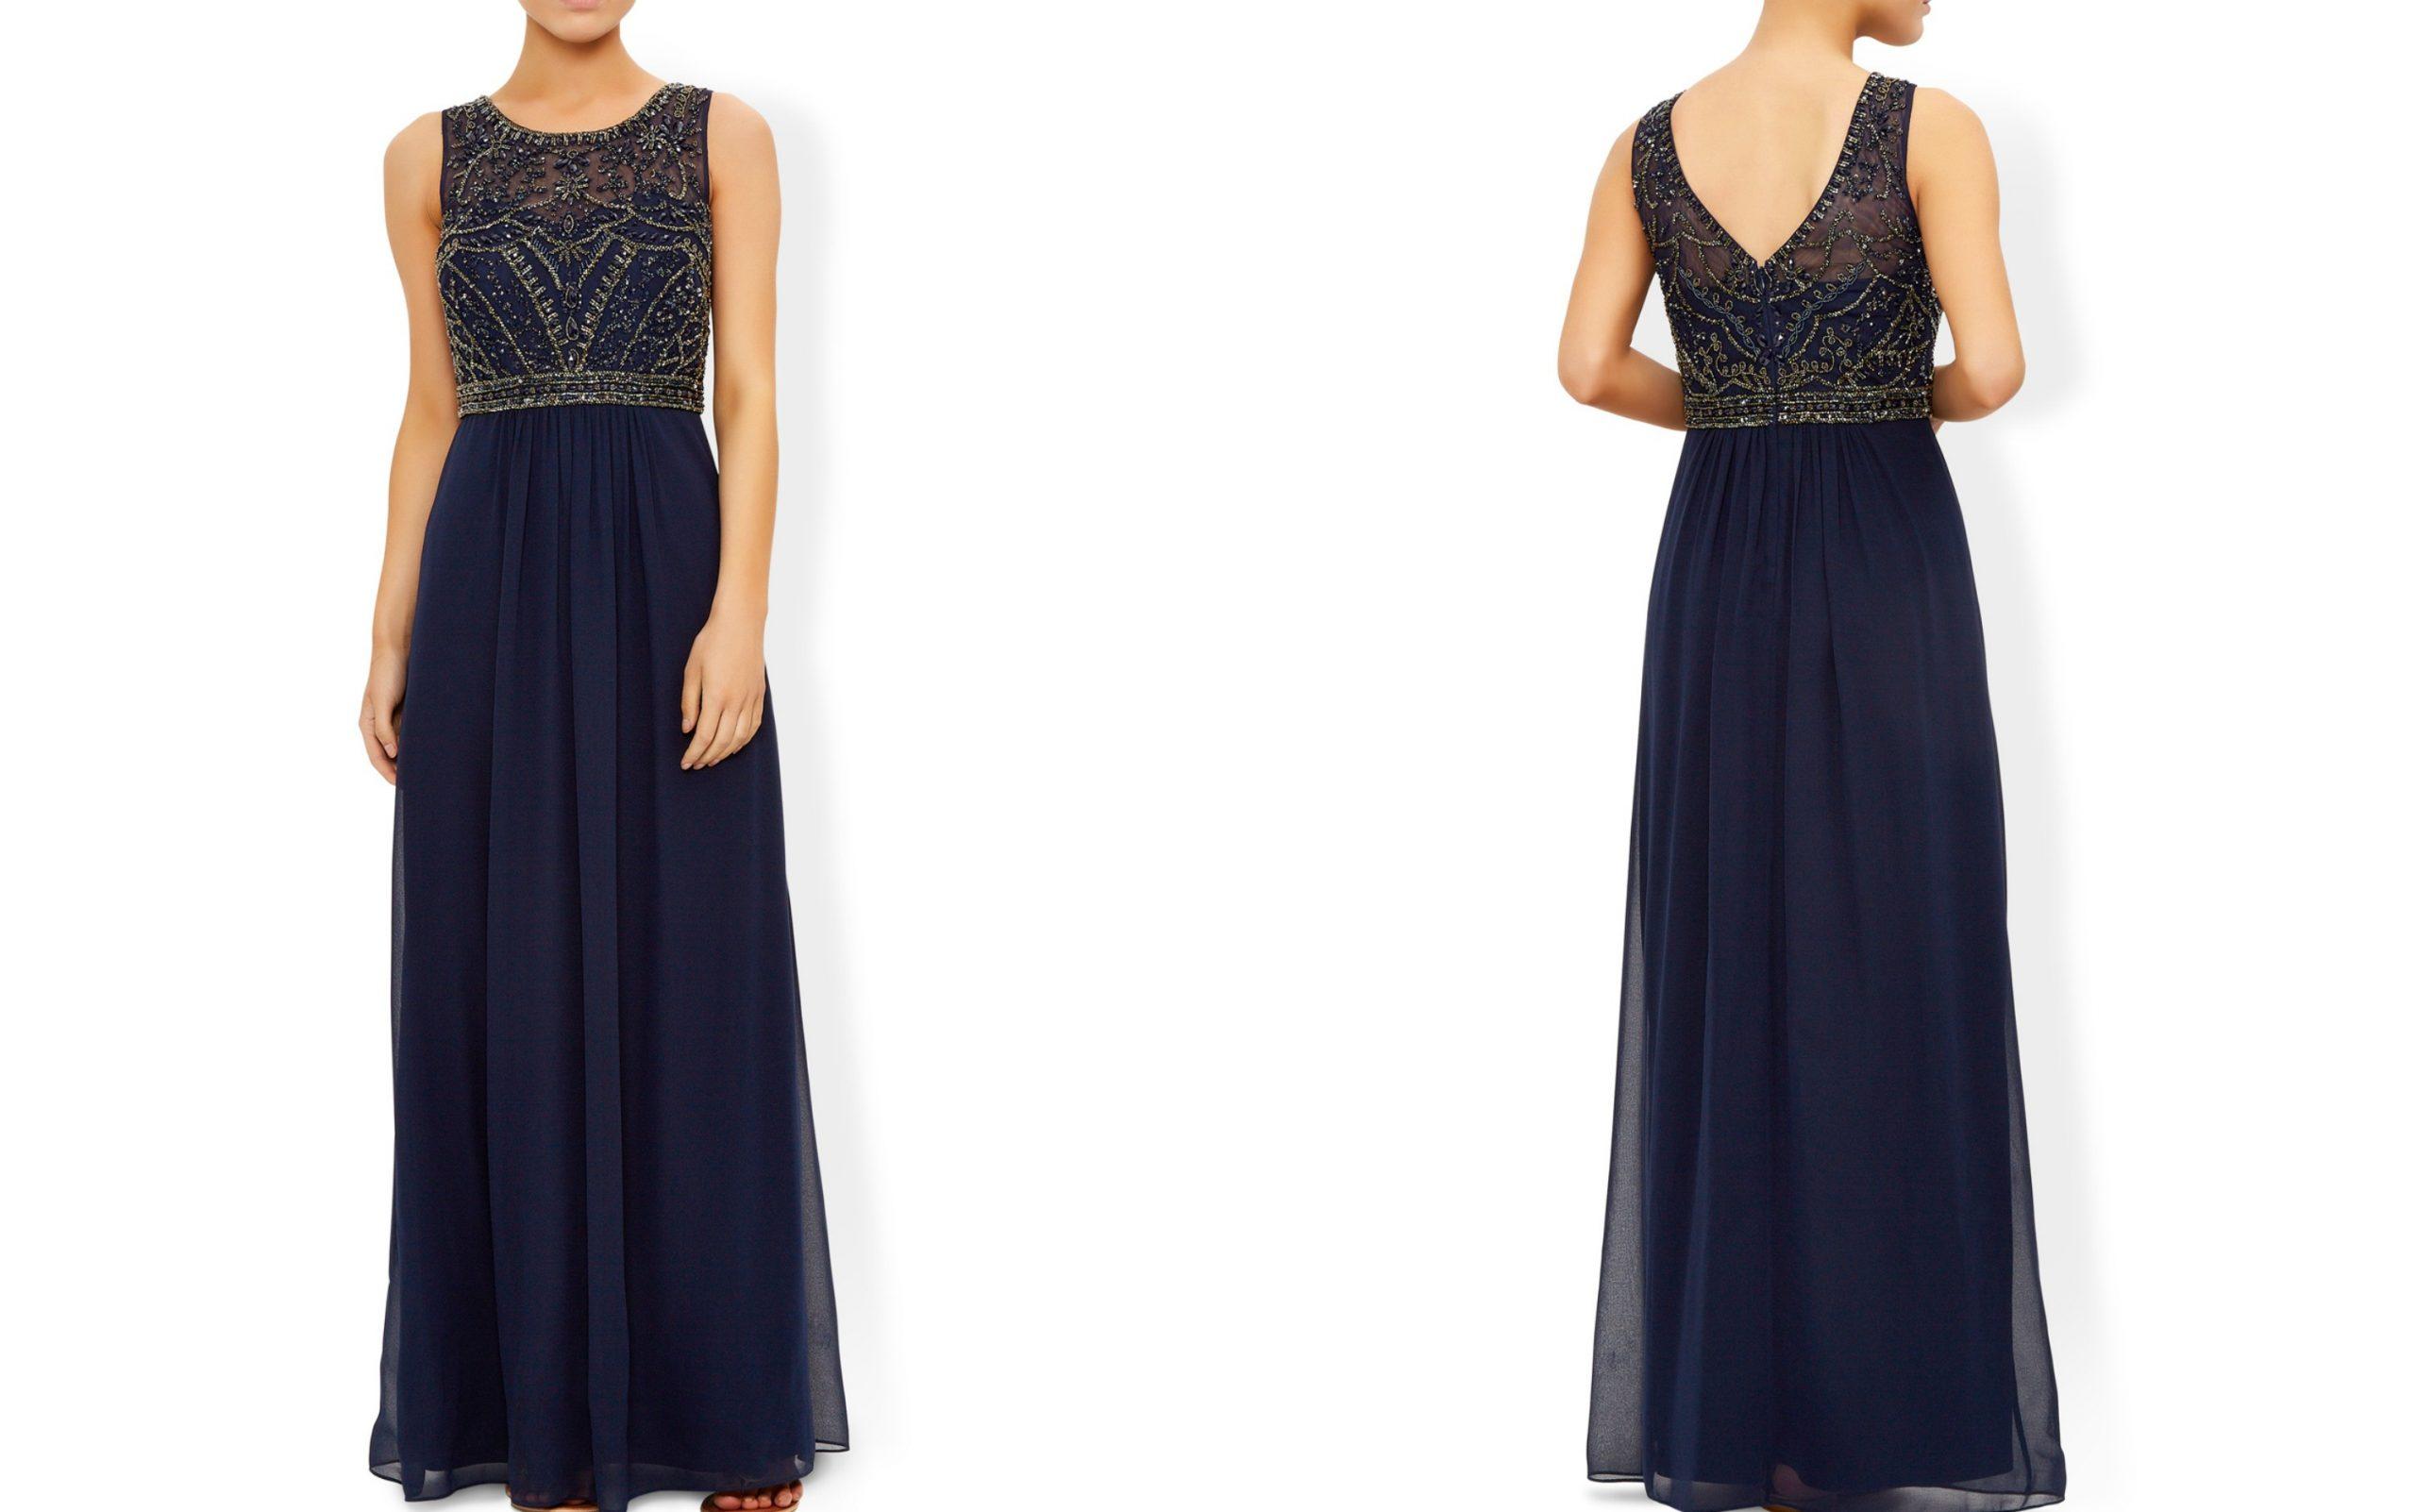 Designer Spektakulär Fairtrade Abendkleid StylishAbend Einzigartig Fairtrade Abendkleid Ärmel